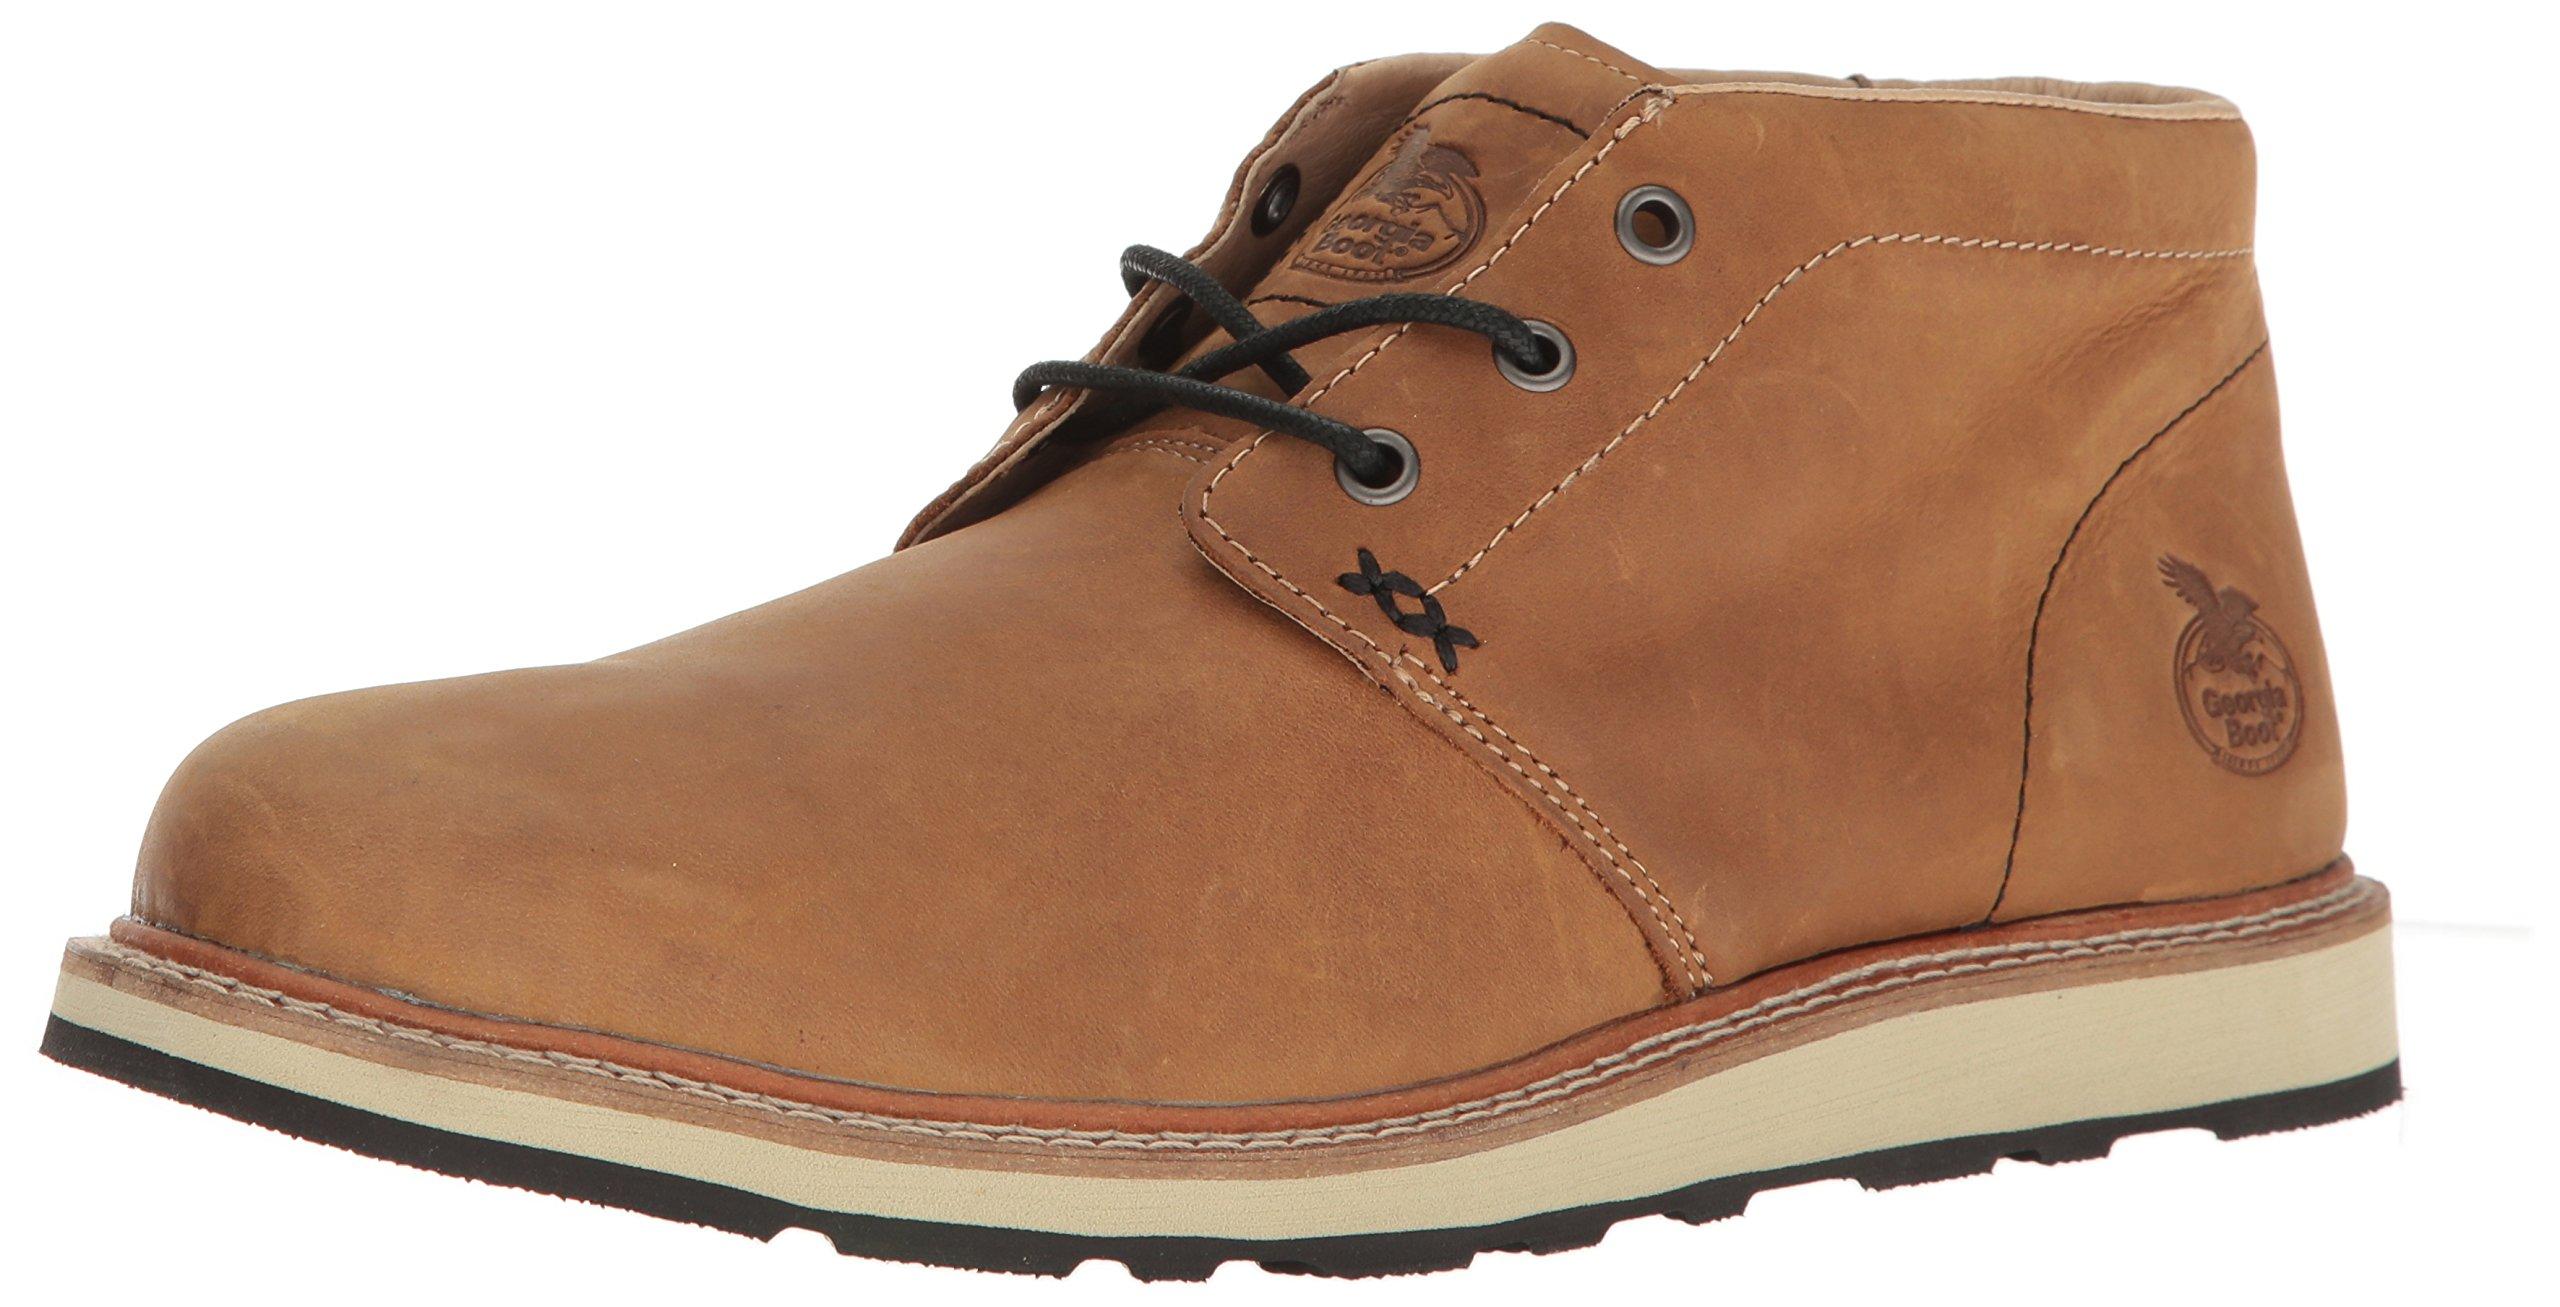 Georgia GB00176 Loafer, Saddle Tan, 11 M US